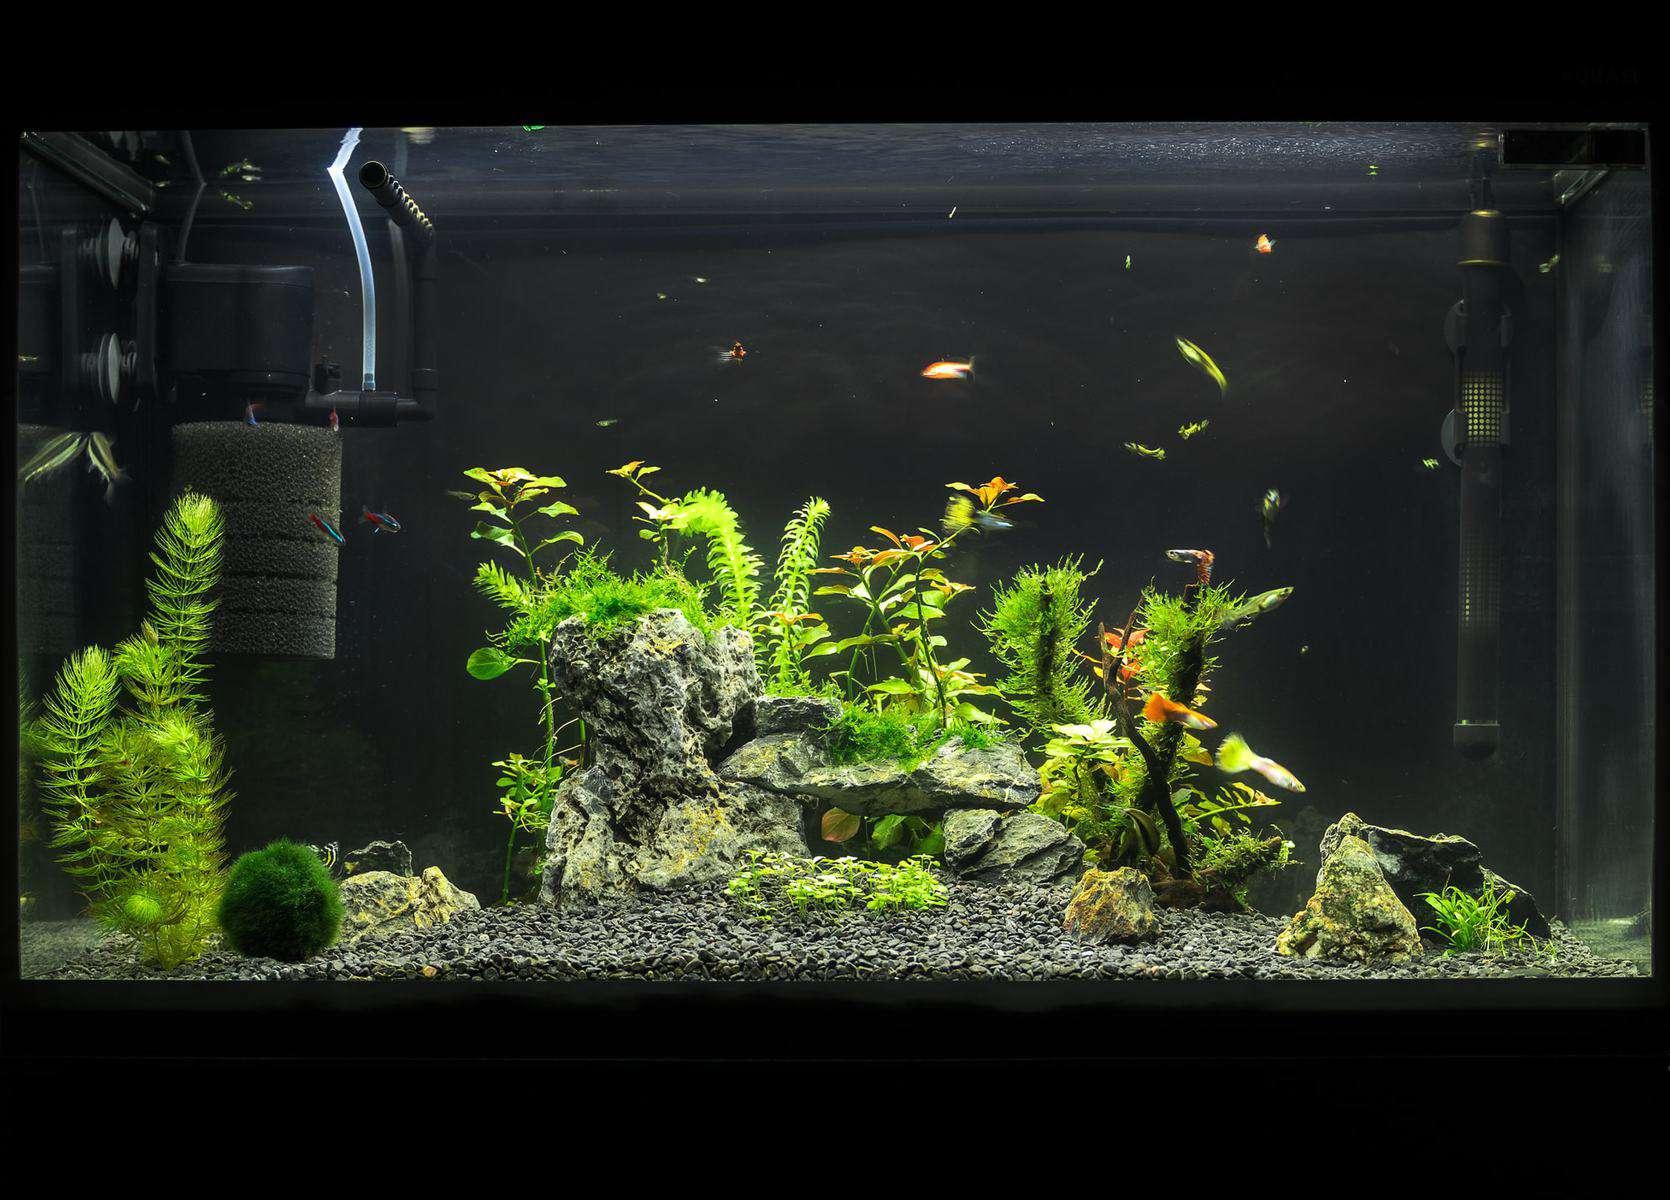 aquarium filter with fish